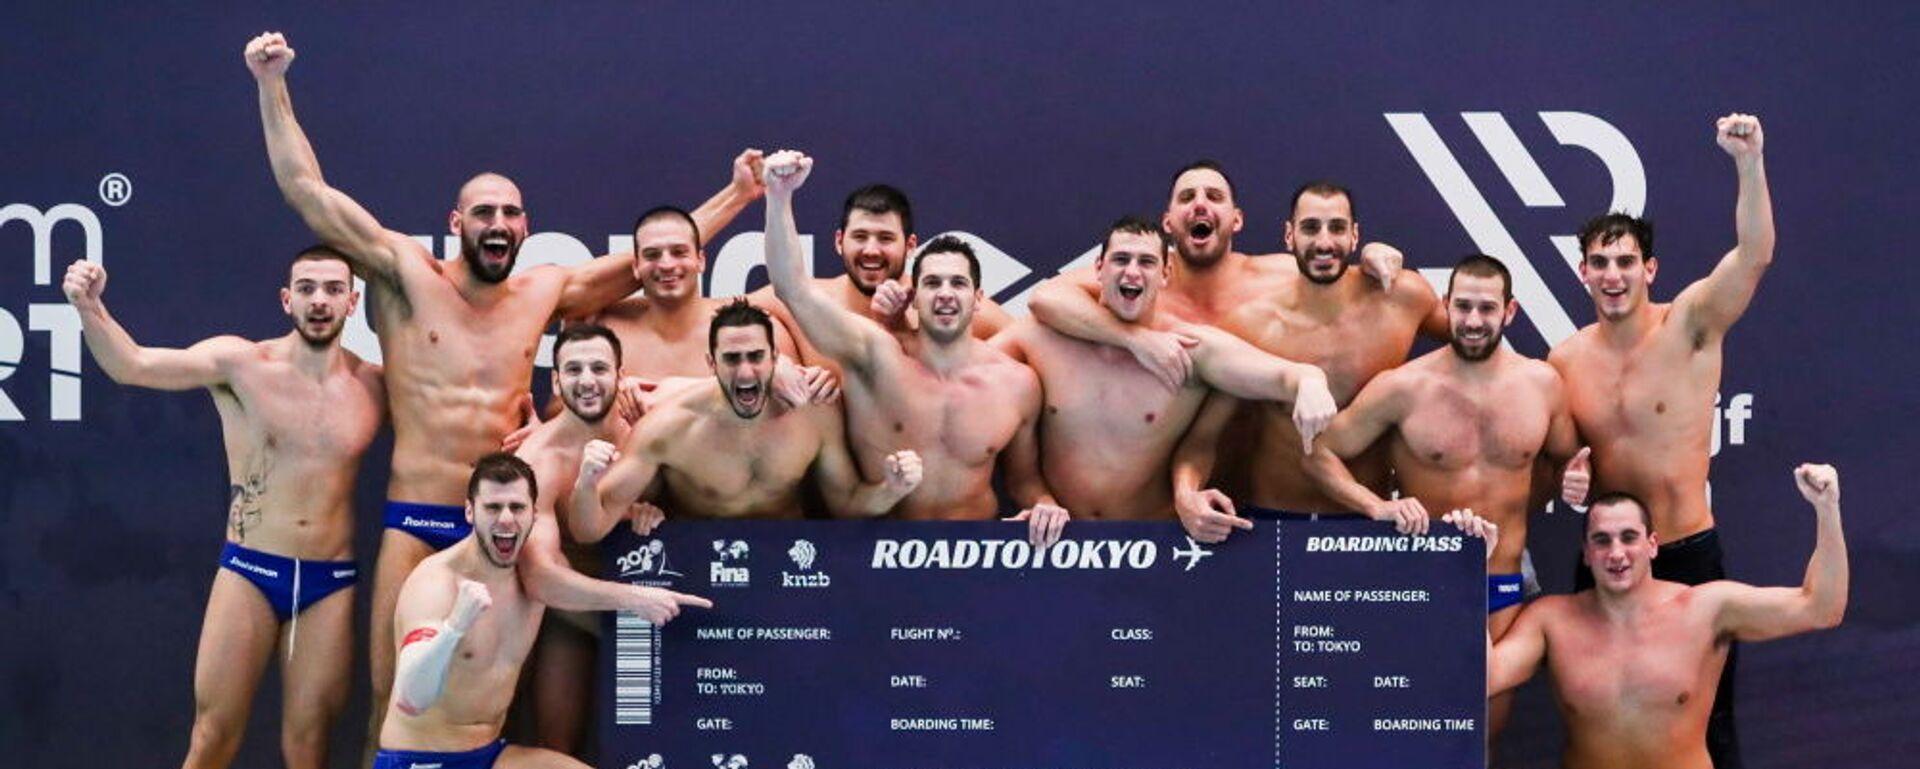 Πανηγυρισμοί της Εθνικής Ομάδας πόλο ανδρών για την πρόκριση στους Ολυμπιακούς Αγώνες του Τόκιο, 20 Φεβρουαρίου 2021 - Sputnik Ελλάδα, 1920, 05.08.2021